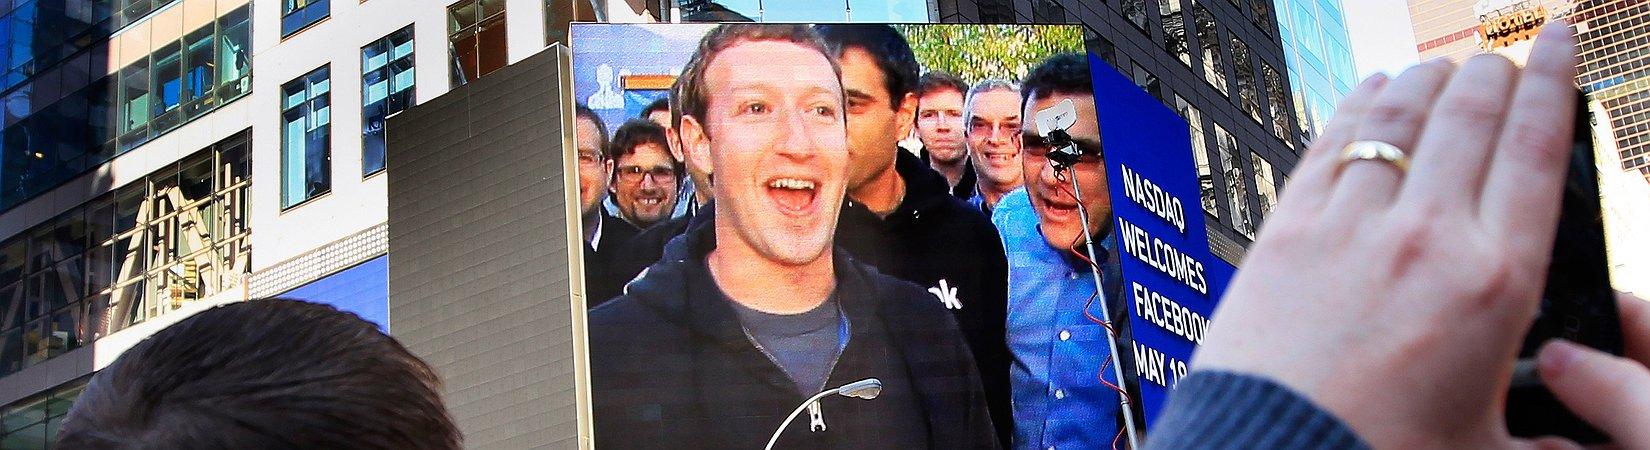 Anuncios de la semana: Informes de minoristas, lanzamiento de SpaceX y aniversario de la OPV de Facebook